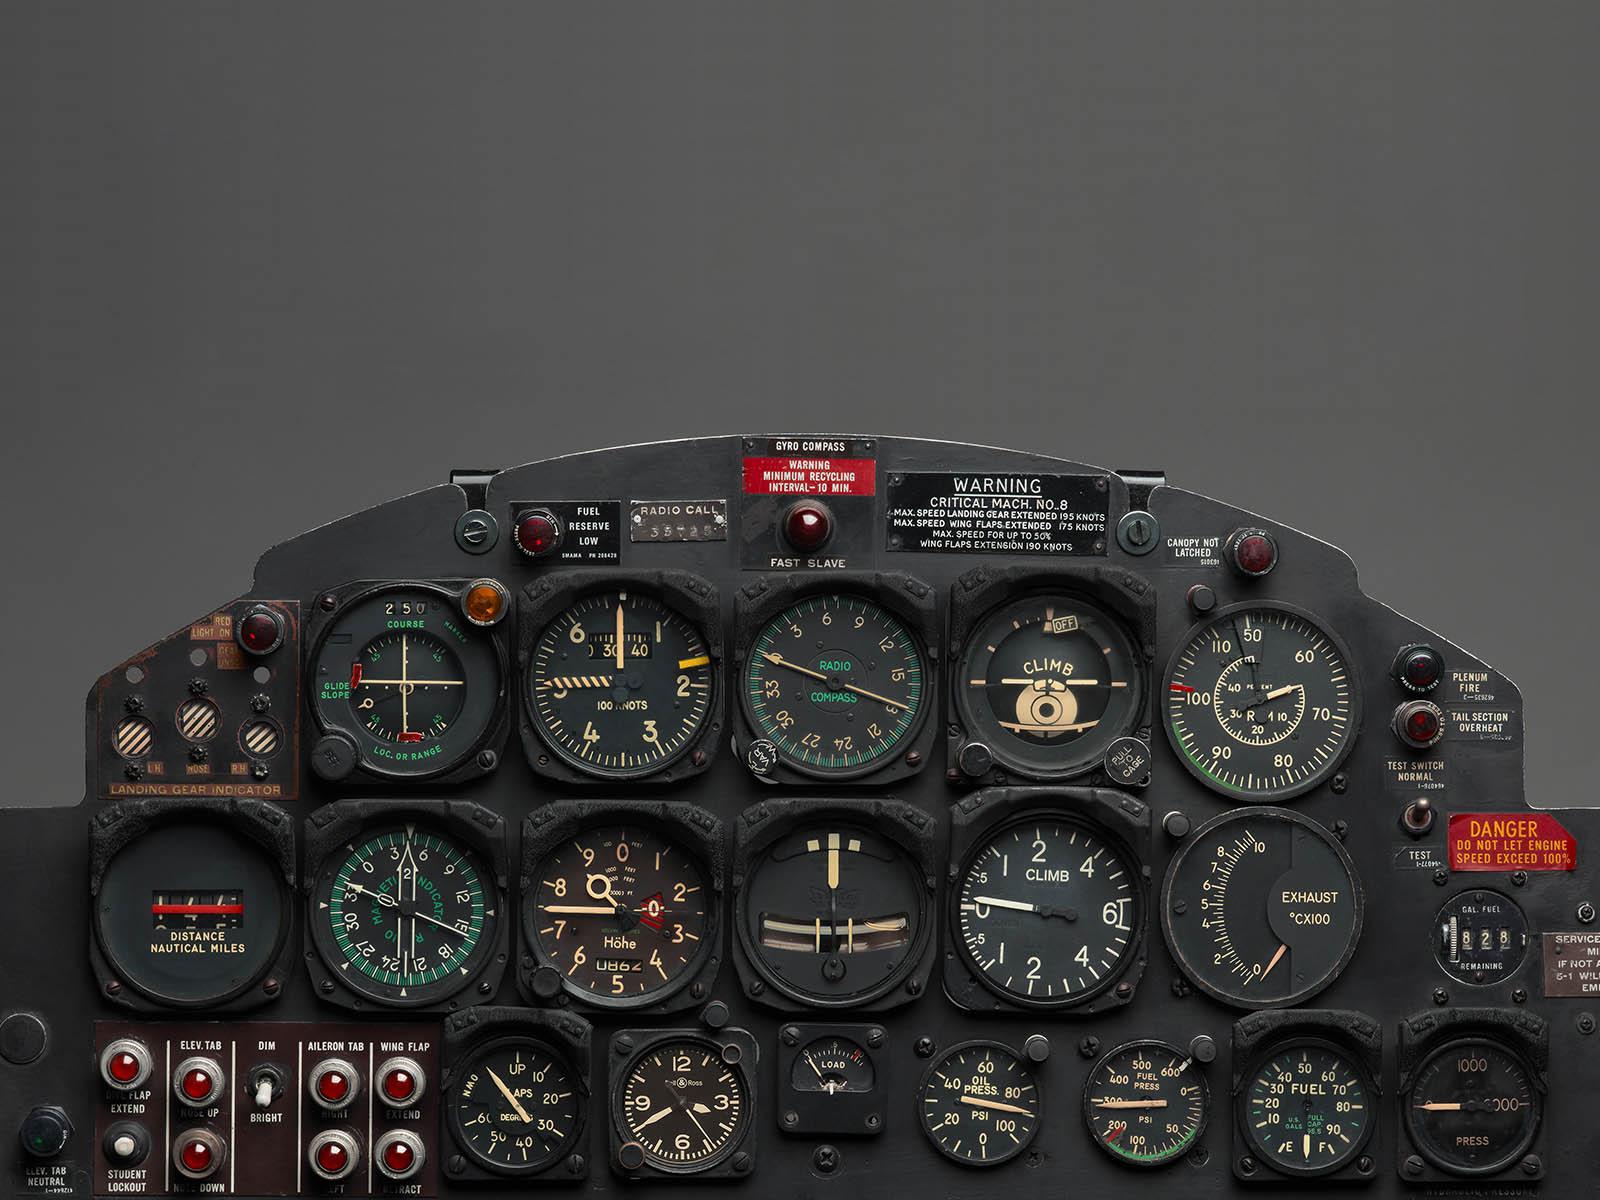 br0392-idc-ce-srb-bell-ross-br-03-92-bi-compass-10.jpg